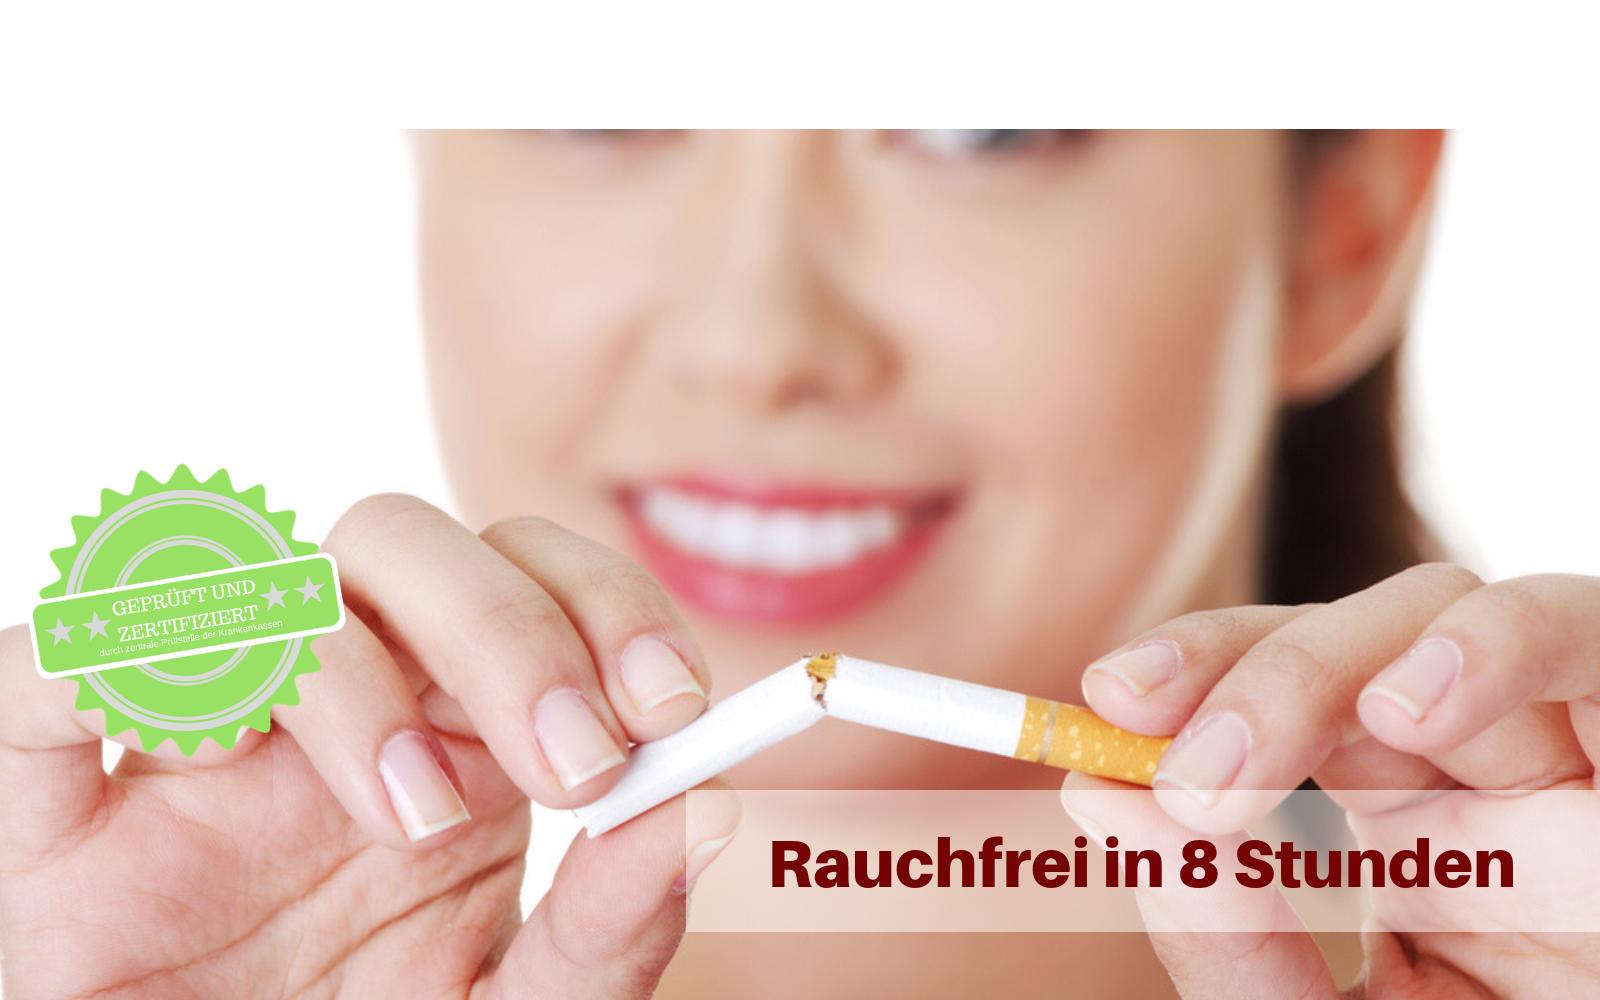 Rauchen aufgehort standig durchfall